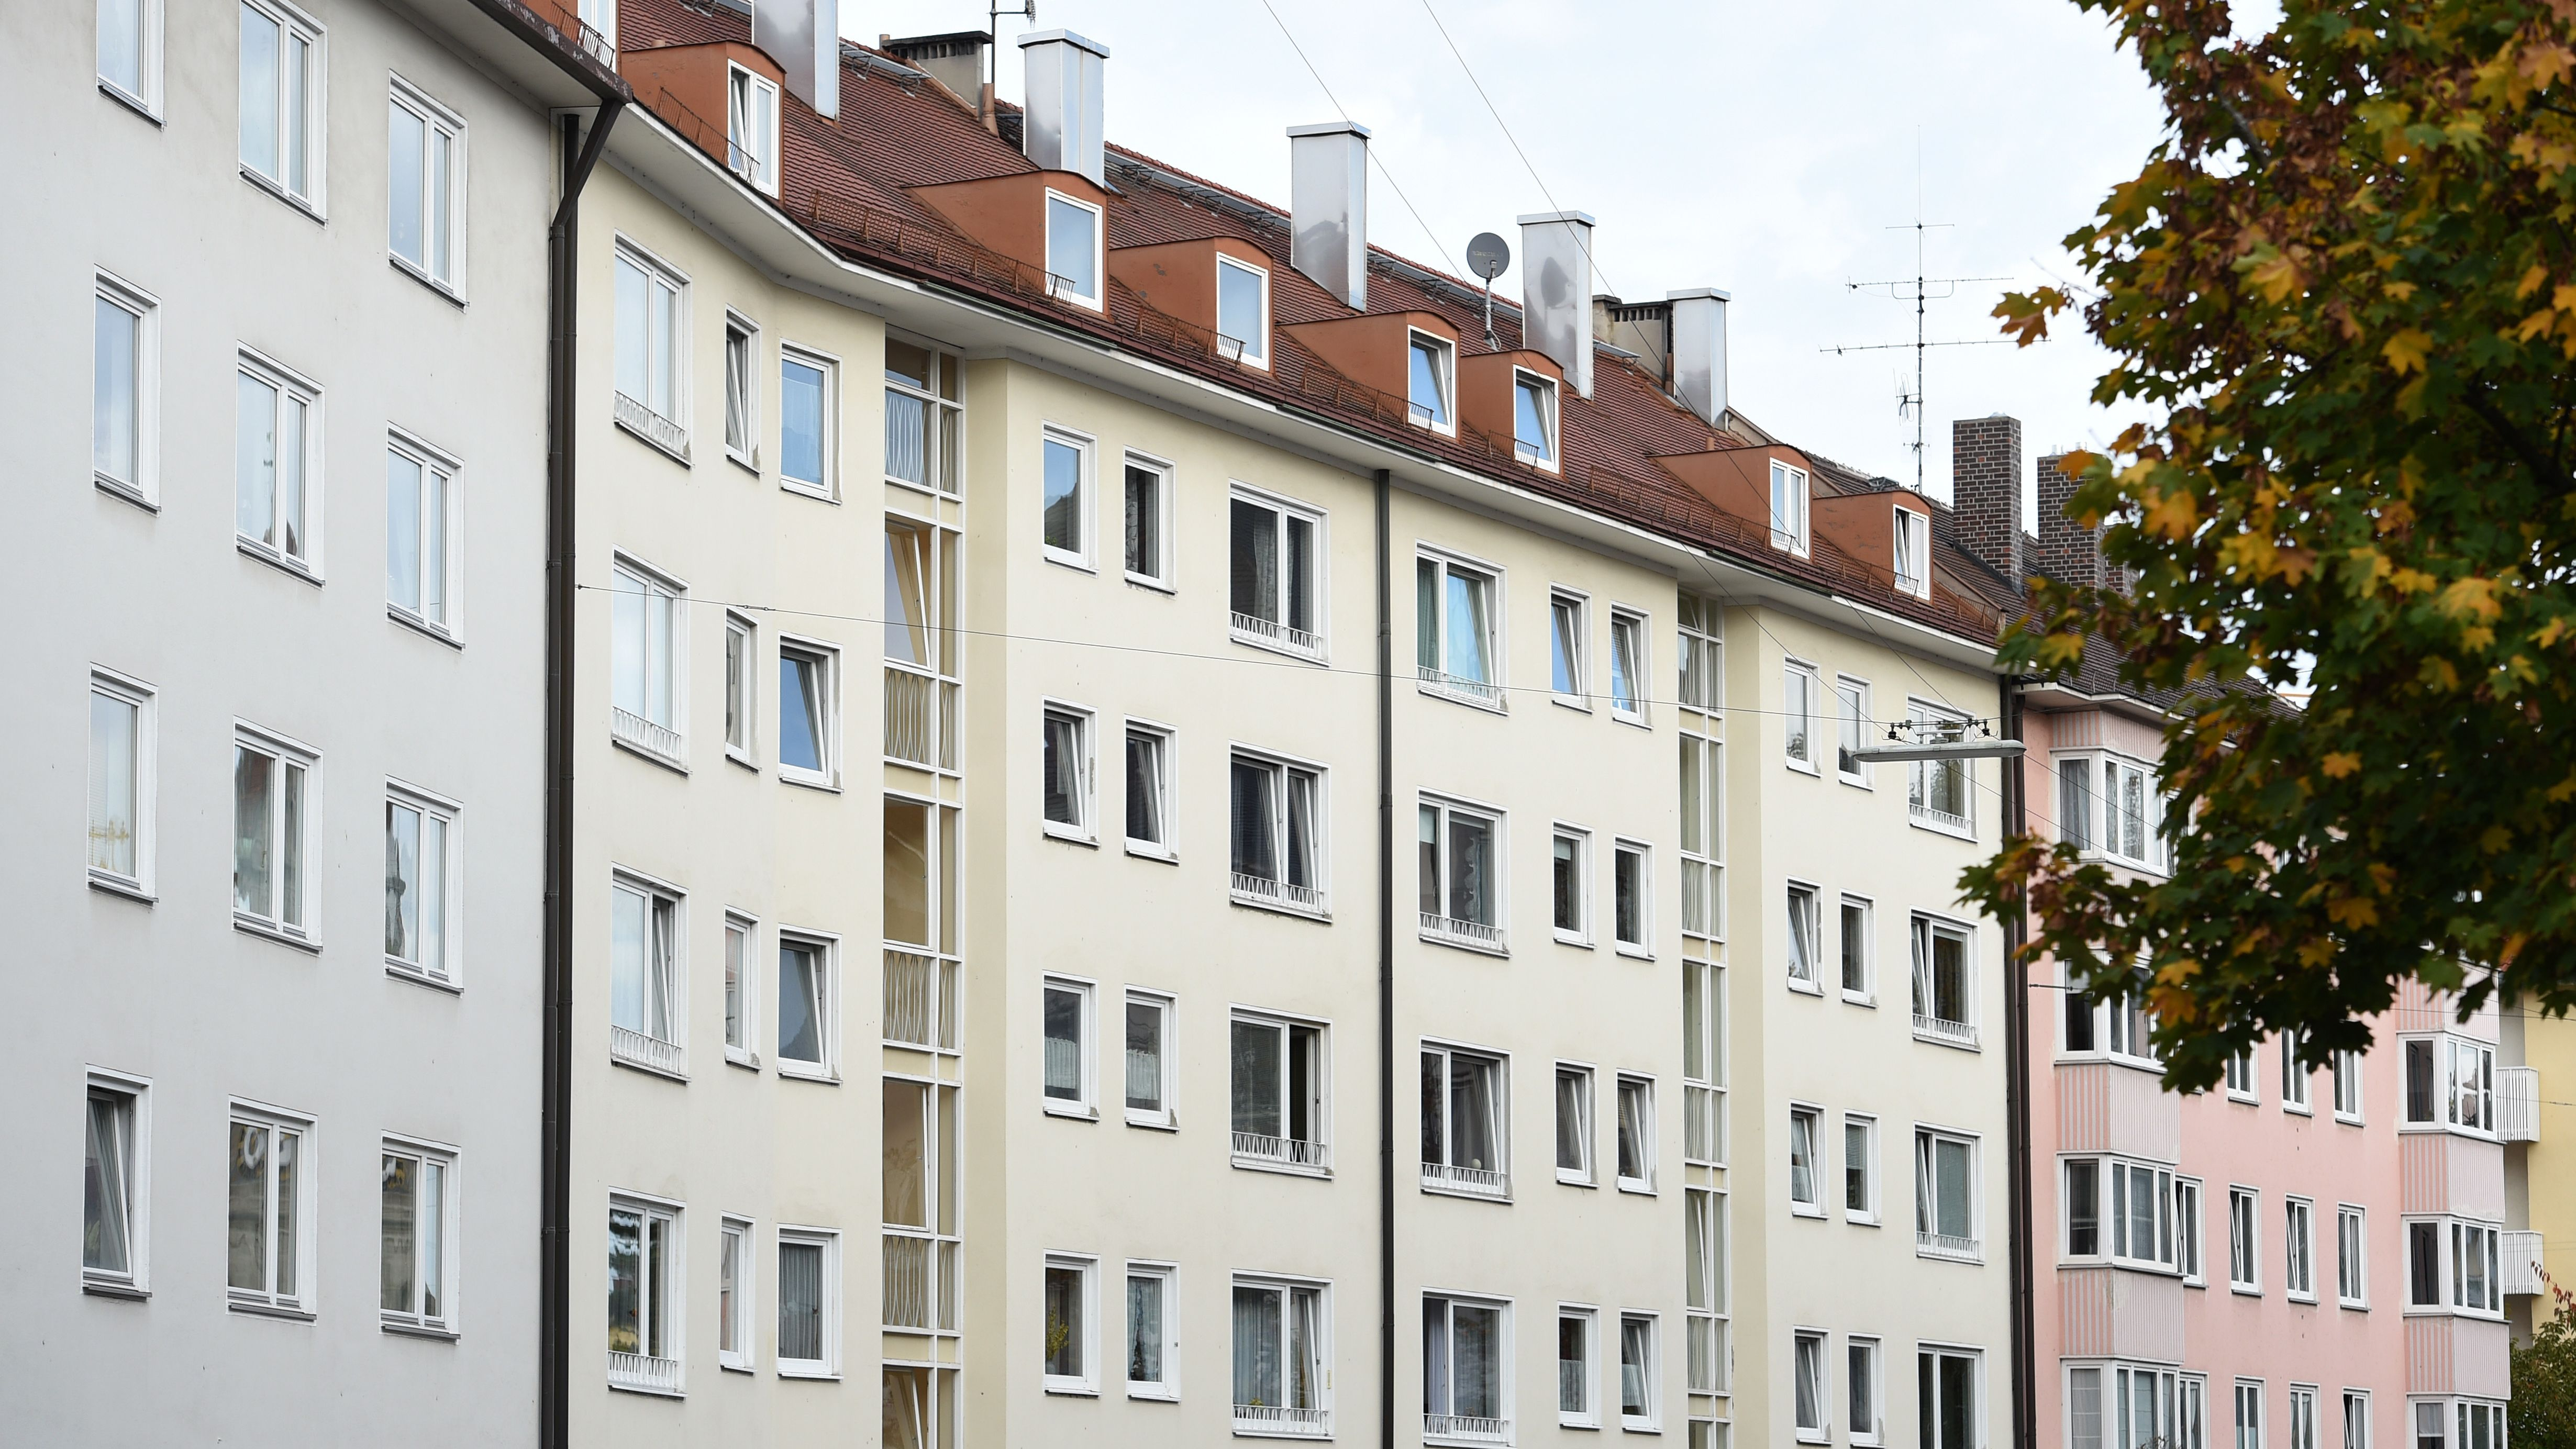 Mietwohnungen in München